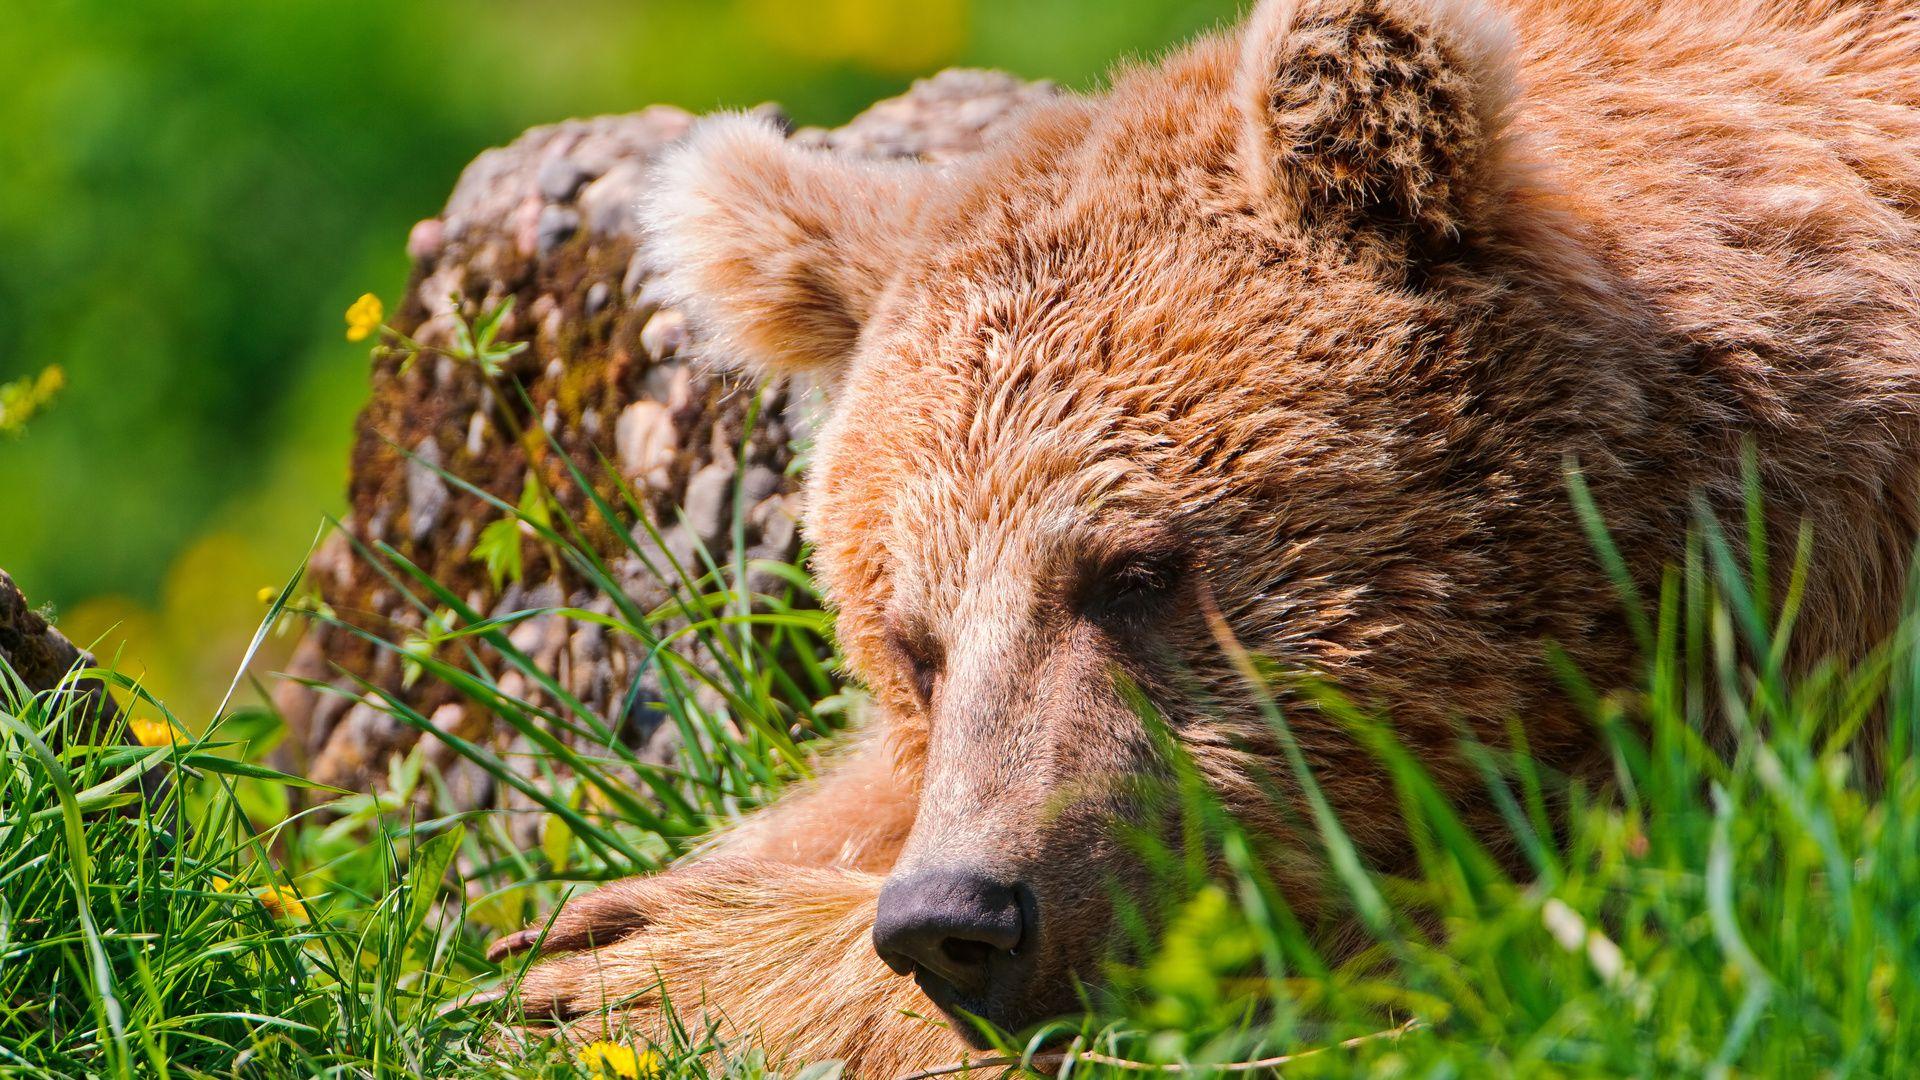 Grass, Sleeping, Rest, Bear